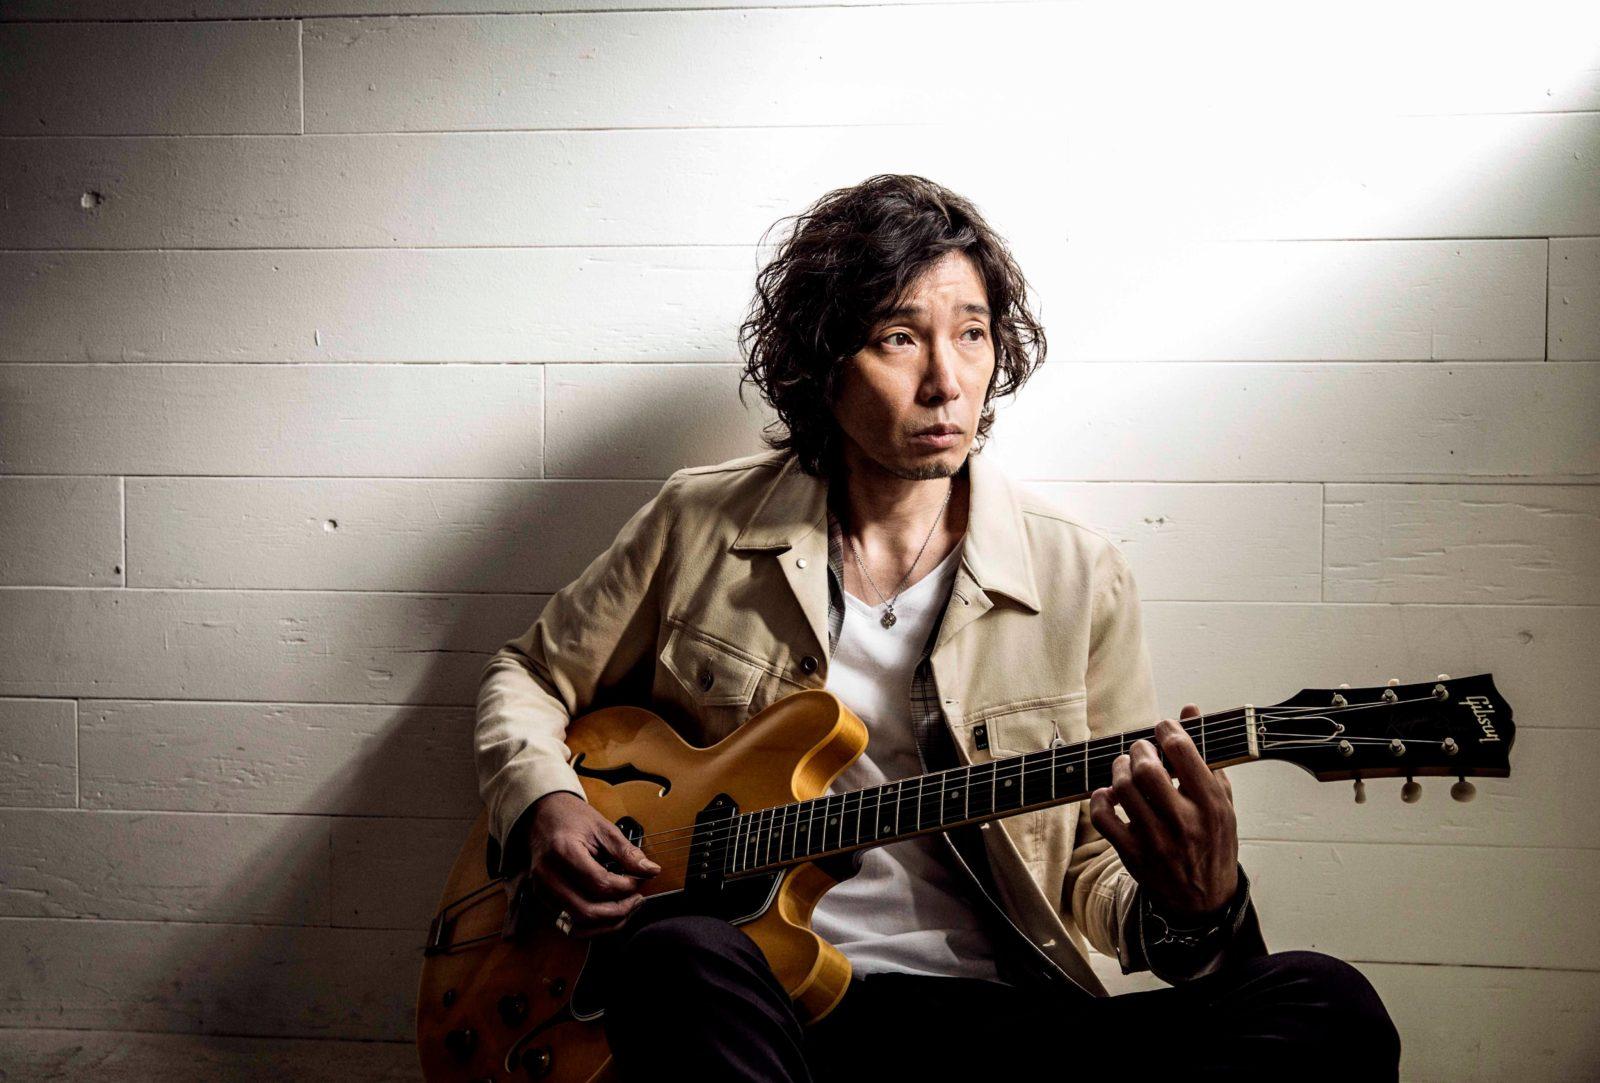 斉藤和義、魅力満載のライブ作品「Time in the Garage」の東京公演をリリース決定サムネイル画像